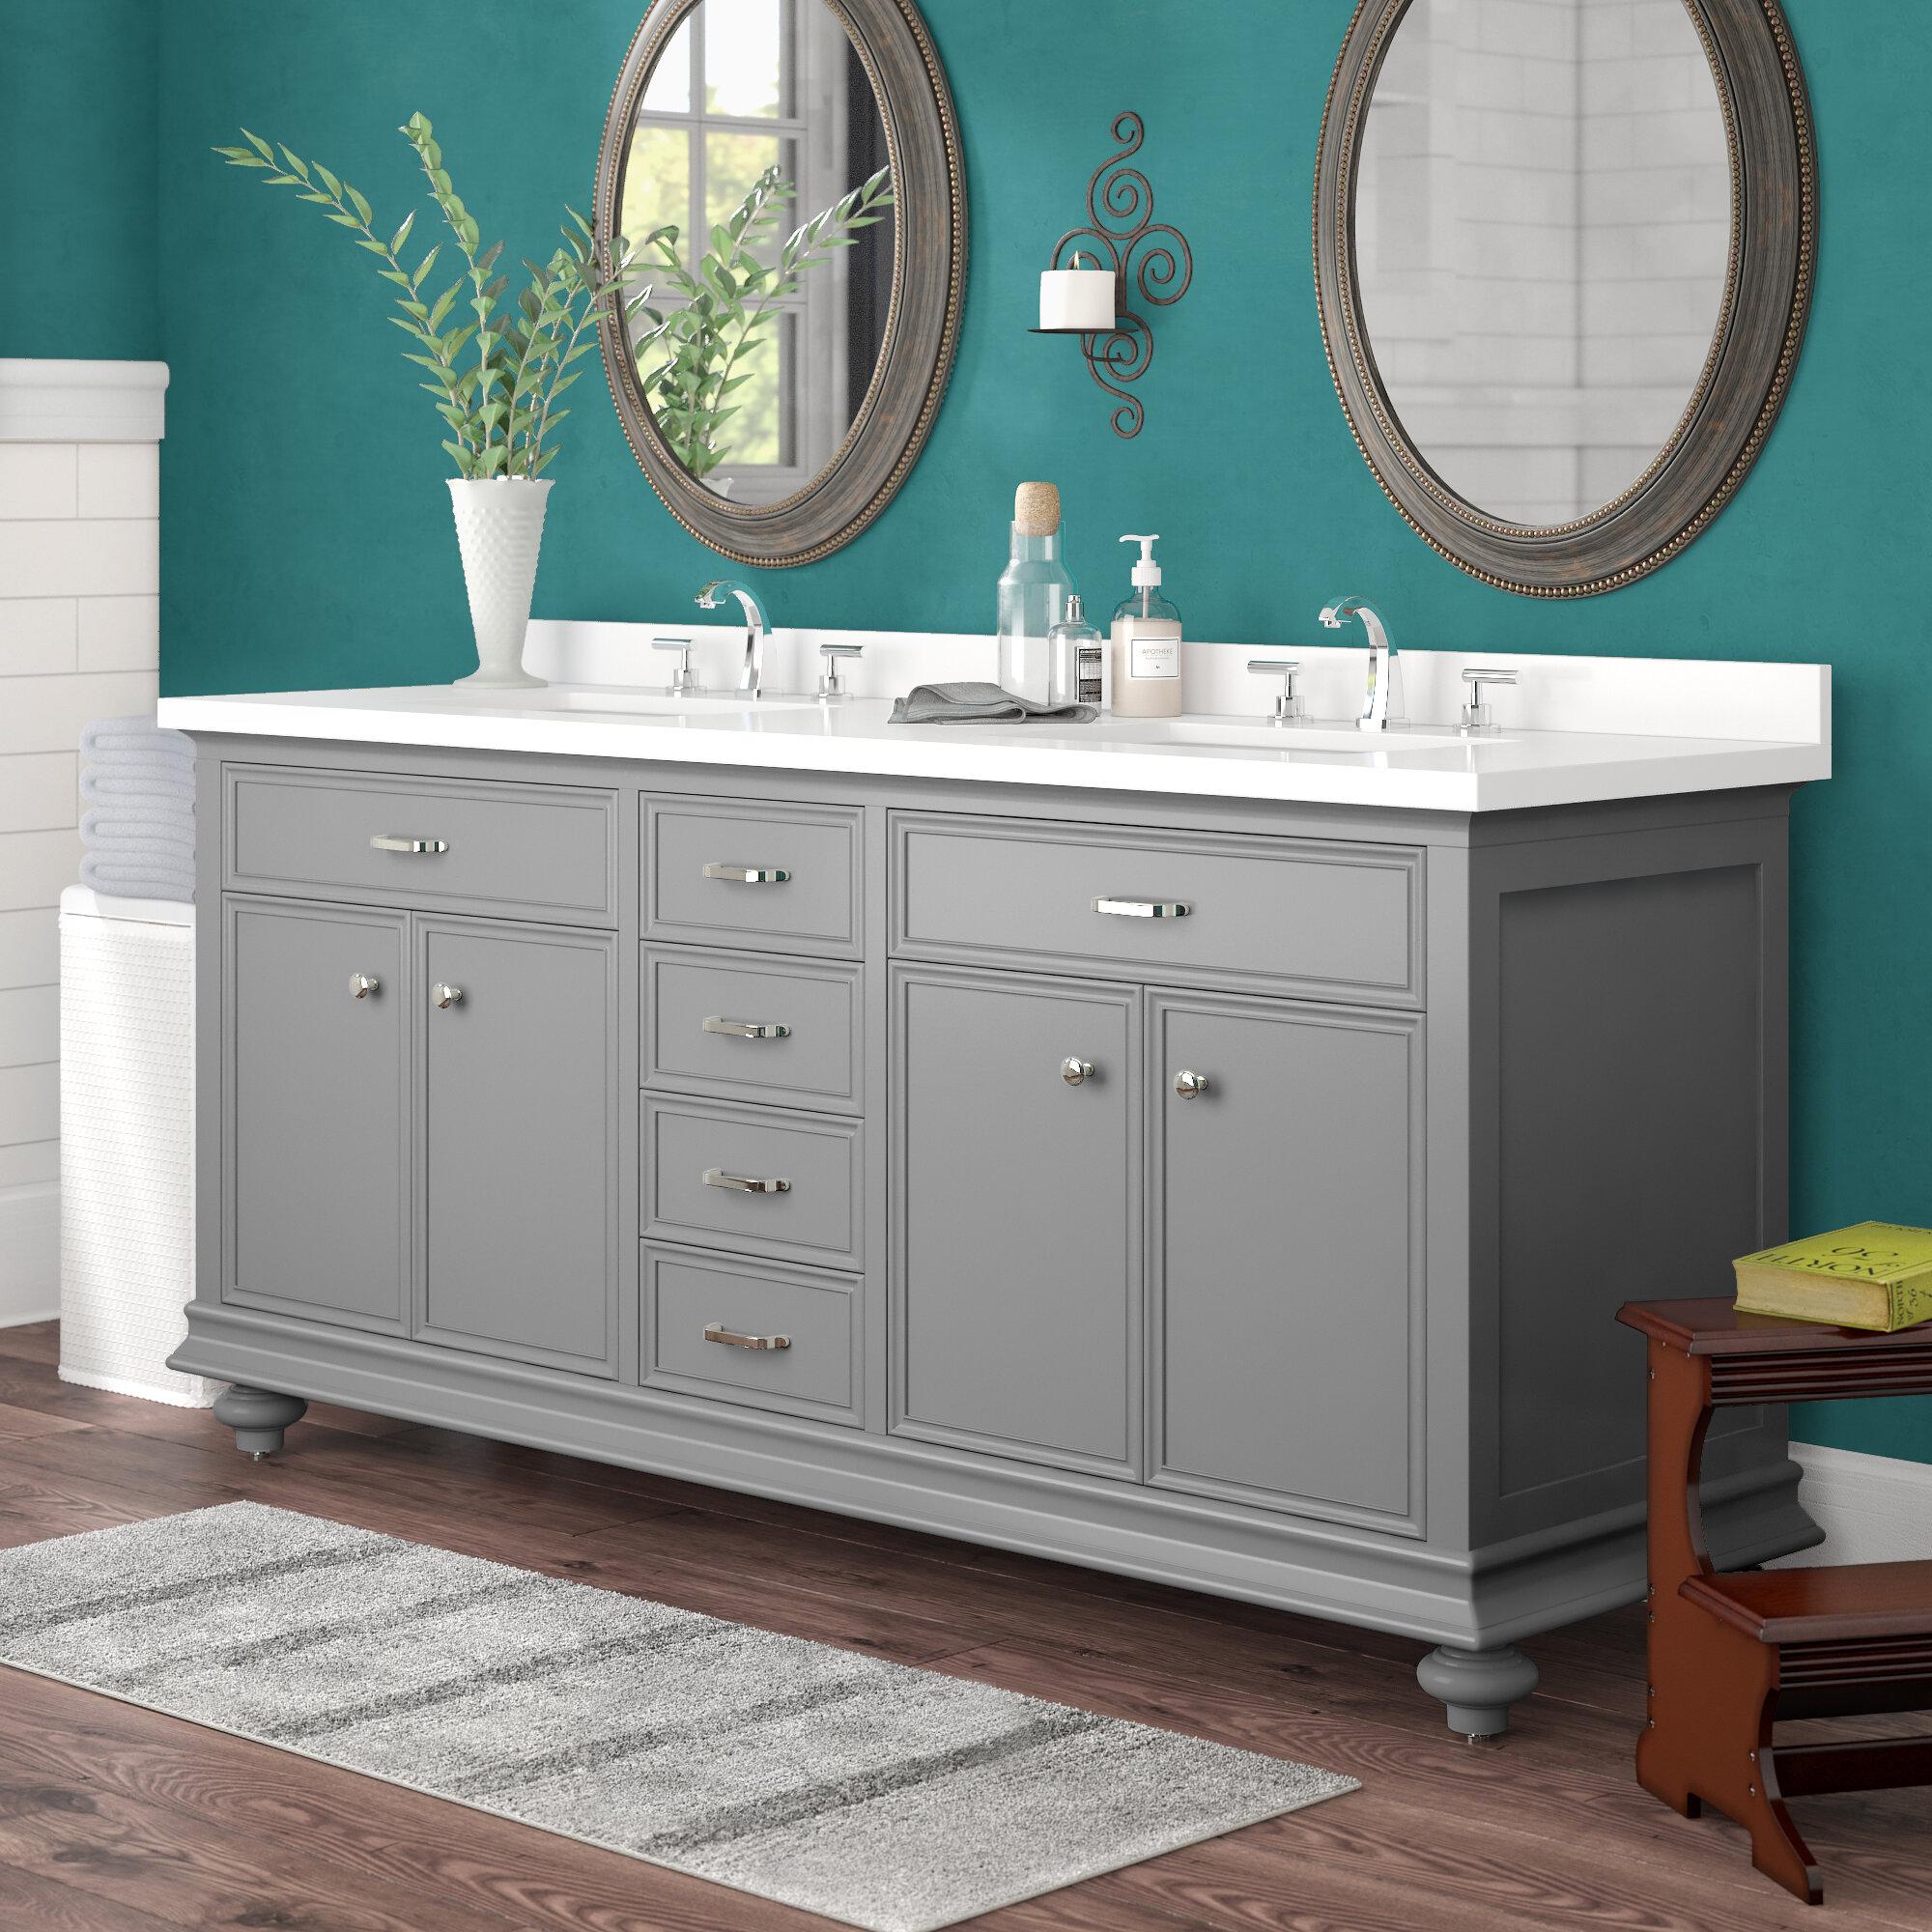 Alcott hill weisner 72 bathroom vanity set reviews wayfair